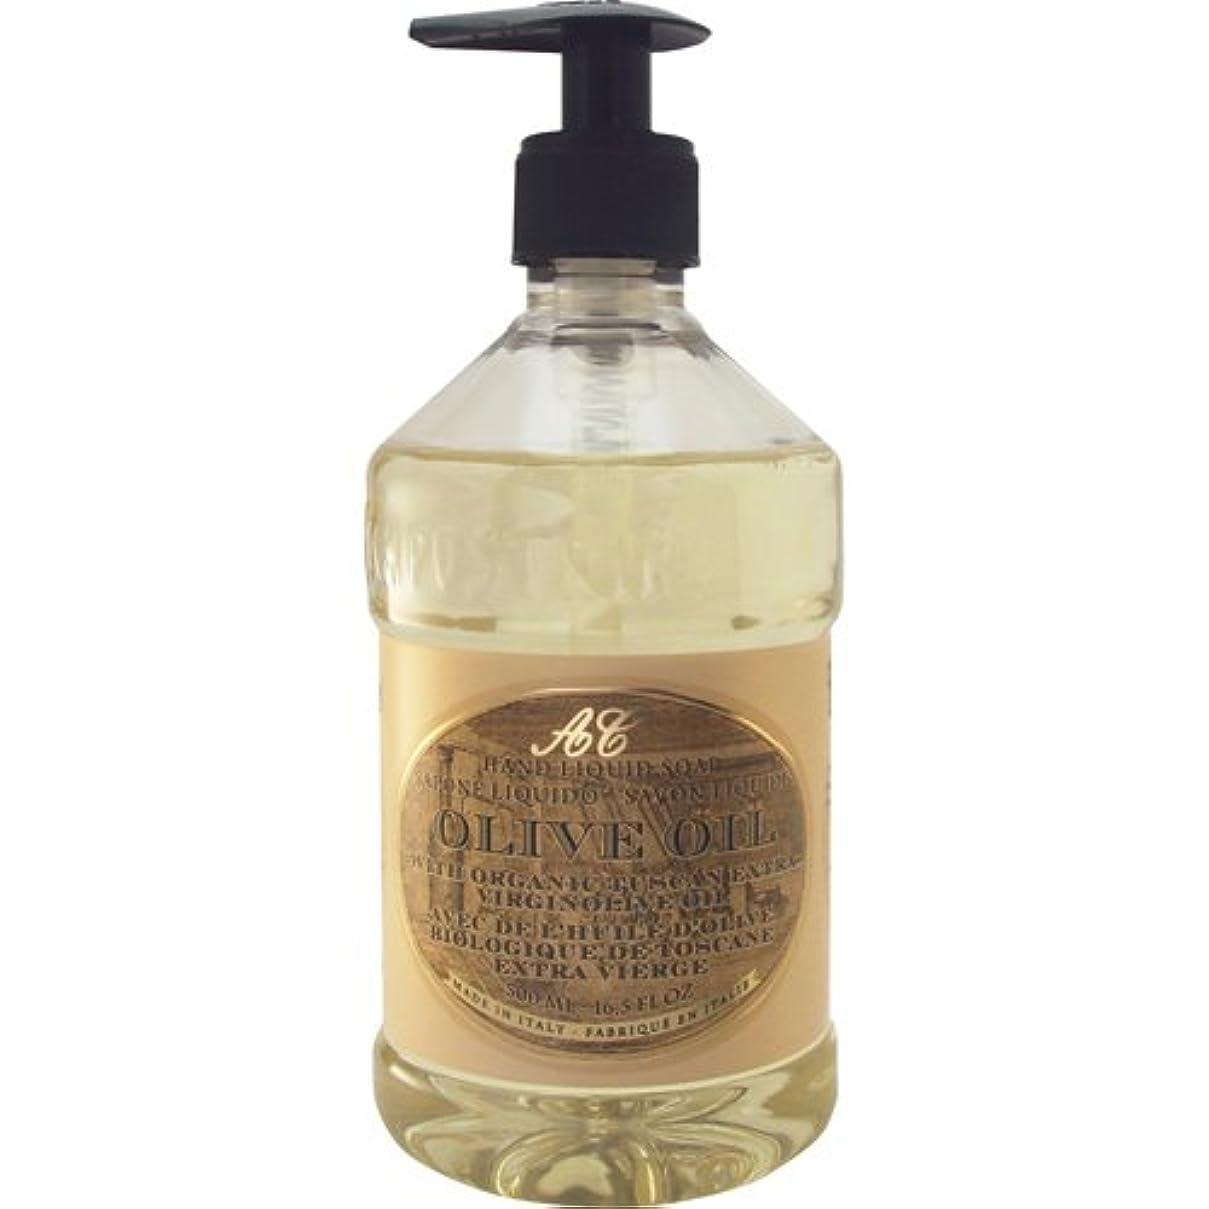 分泌する枯渇薄いですSaponerire Fissi レトロシリーズ Liquid Soap リキッドソープ 500ml Olive Oil オリーブオイル